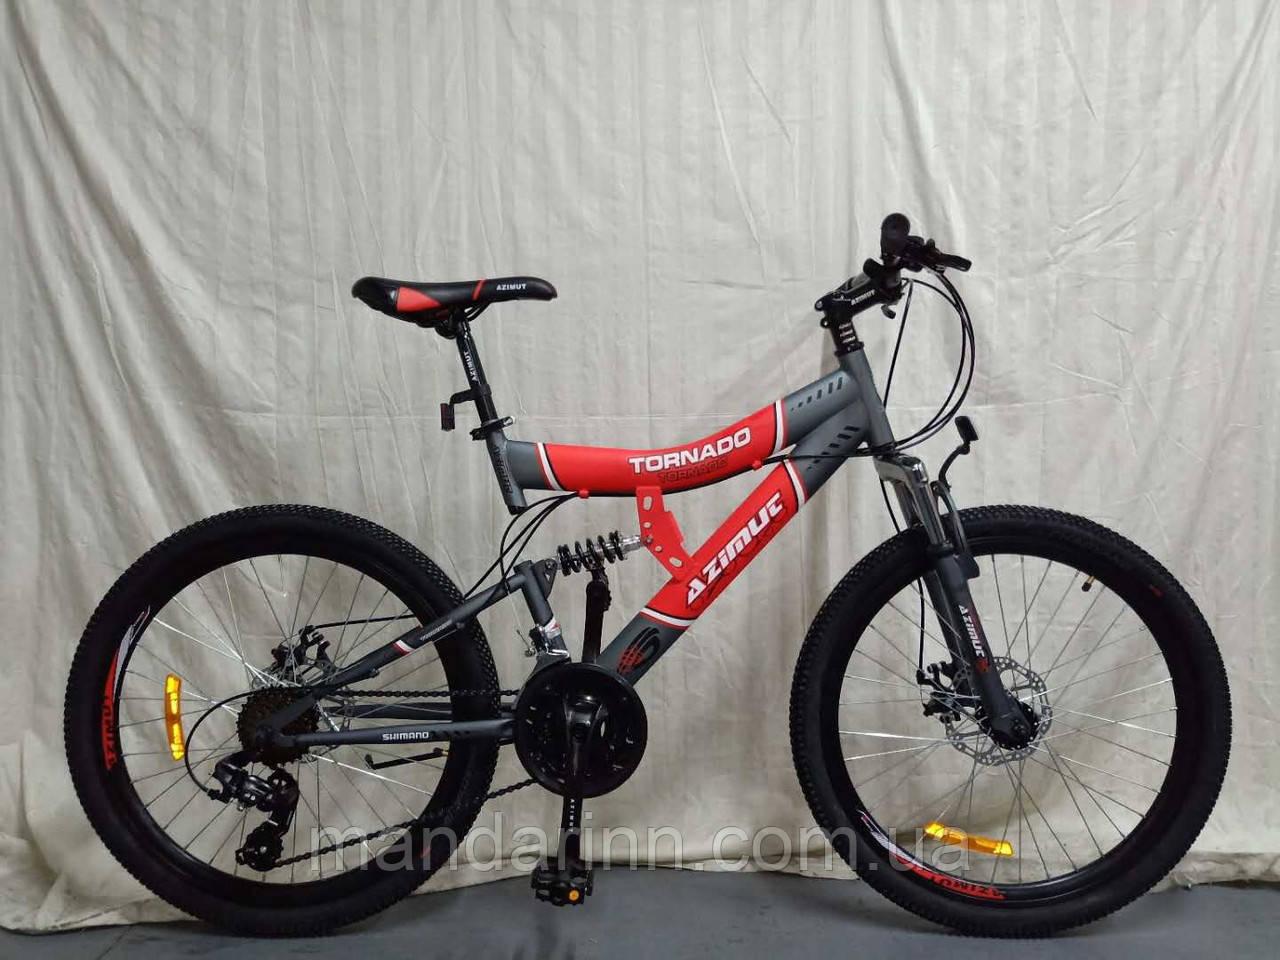 Гірський велосипед Azimut Tornado 26 дюймів. Дискові гальма. Червоно-чорний.